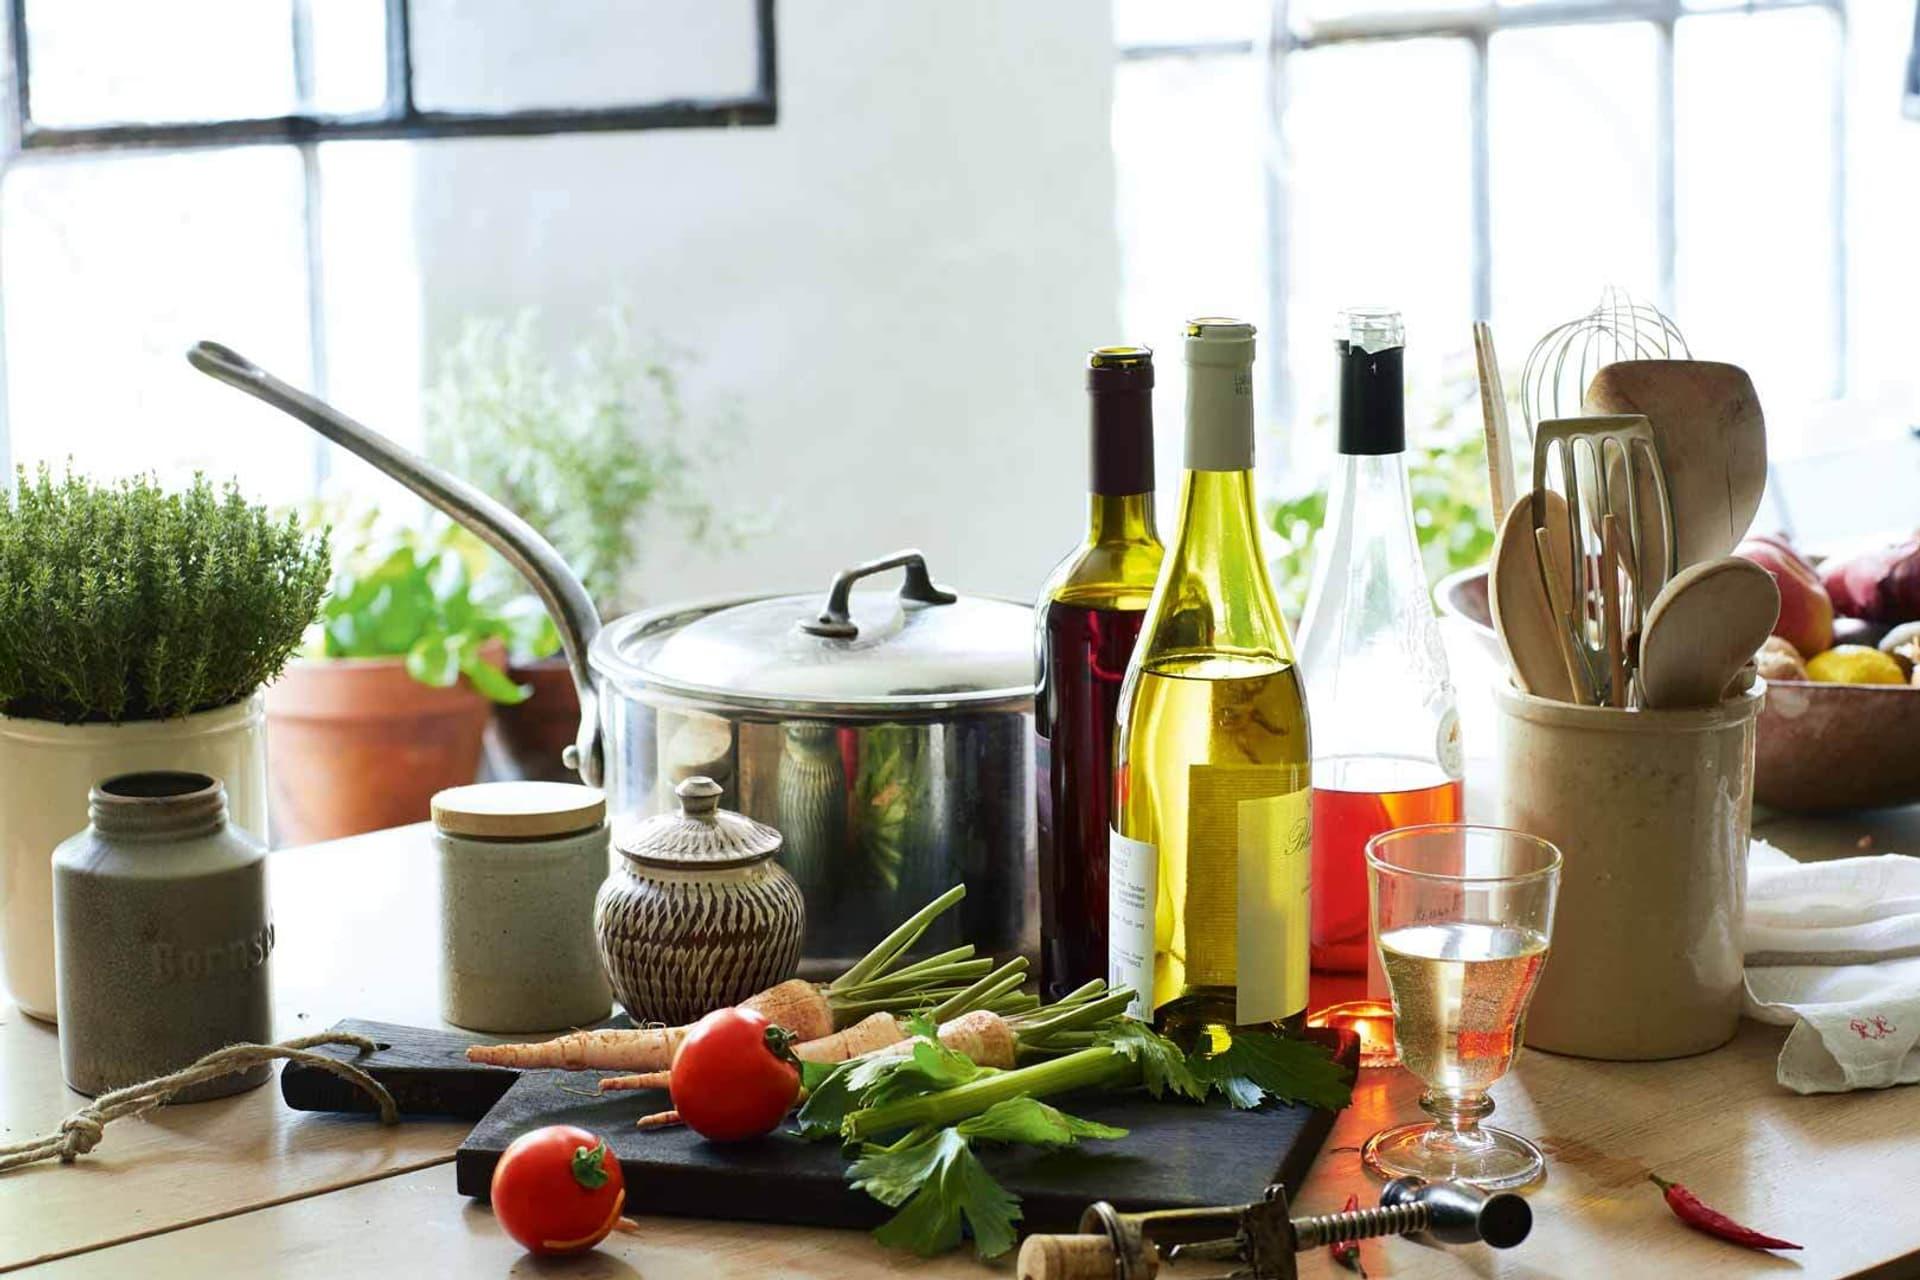 Verschiedene Weine stehen in Flaschen neben Töpfen und Gemüse in der Küche